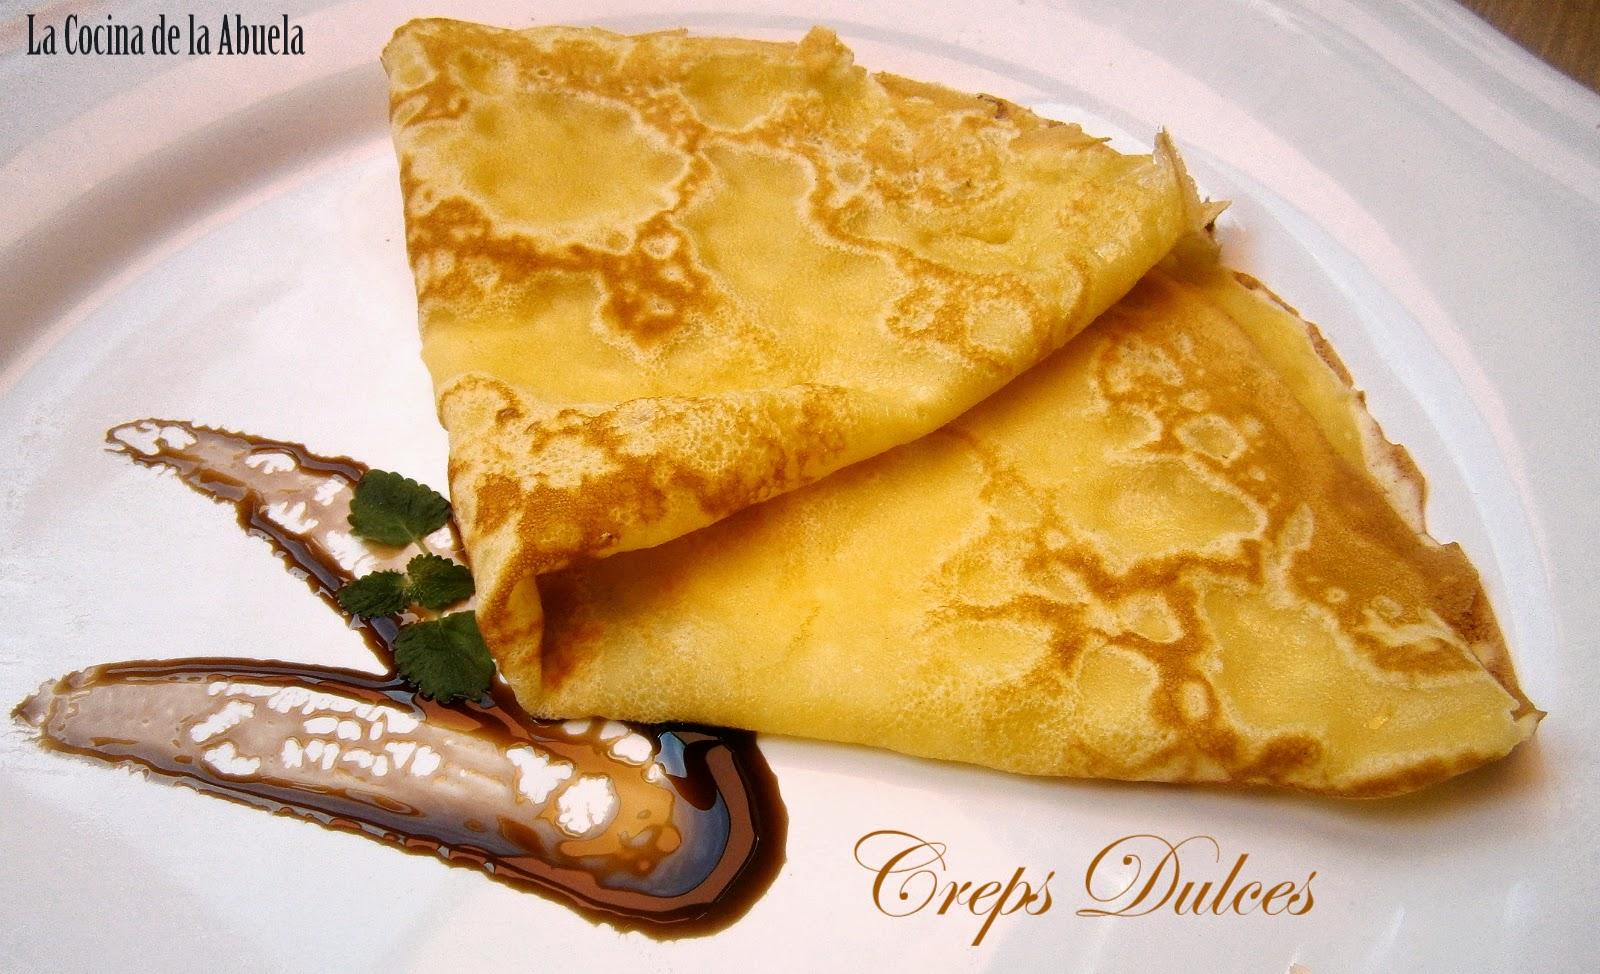 Creps o crepes dulces la cocina de la abuela - Ingredientes para crepes ...